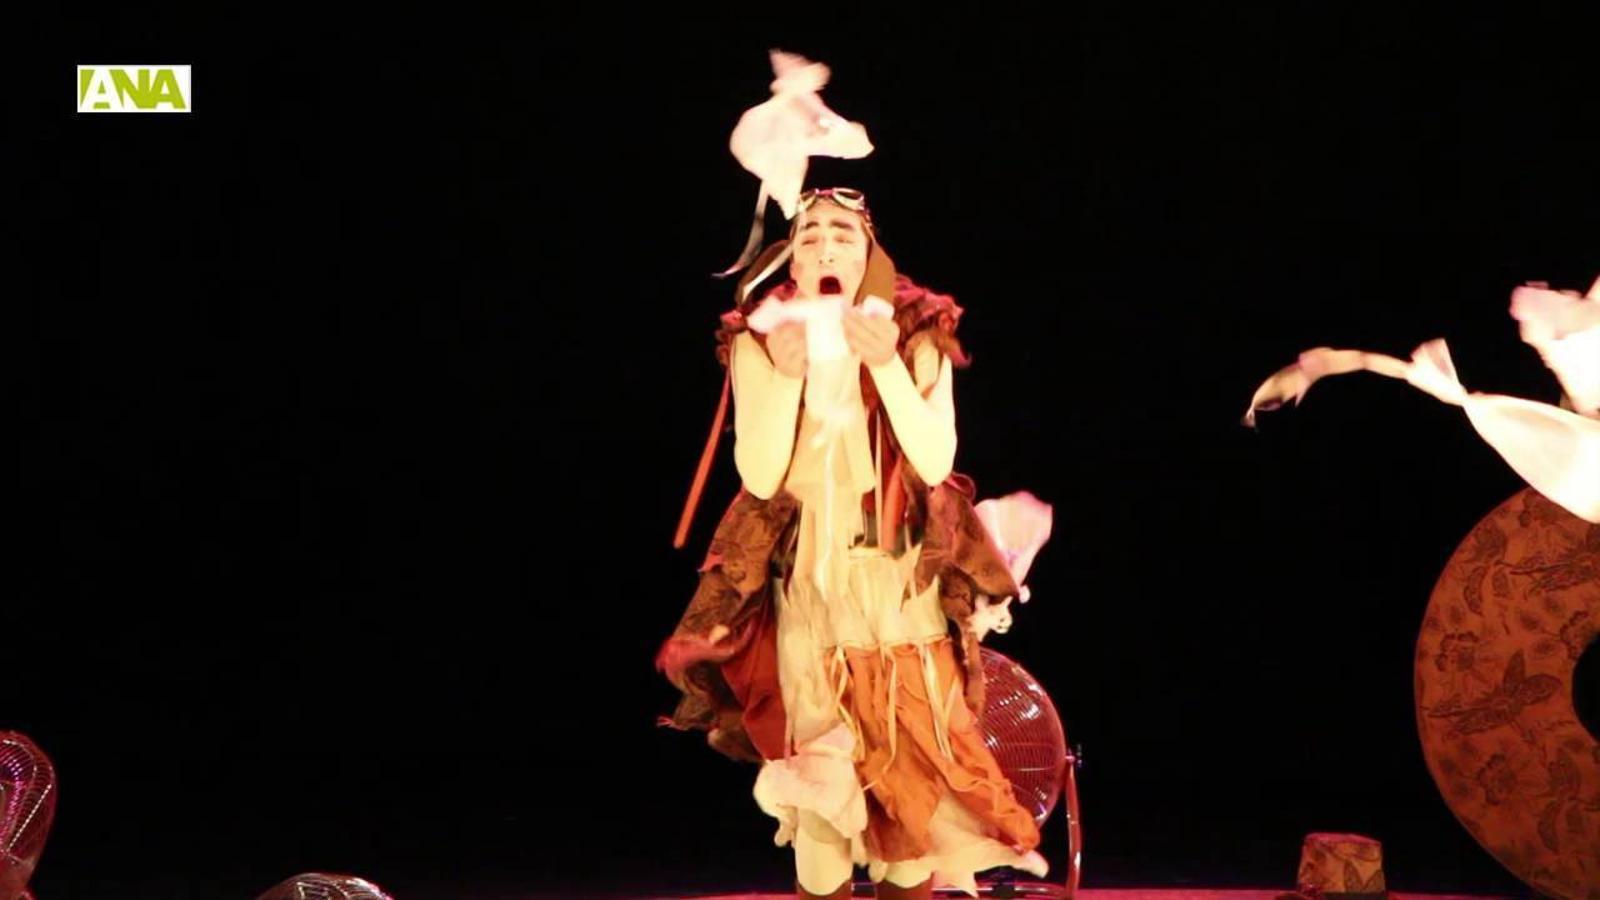 L'ENA convida grans i petits a gaudir de les emocions d''Heliceo' en l'estrena a Andorra